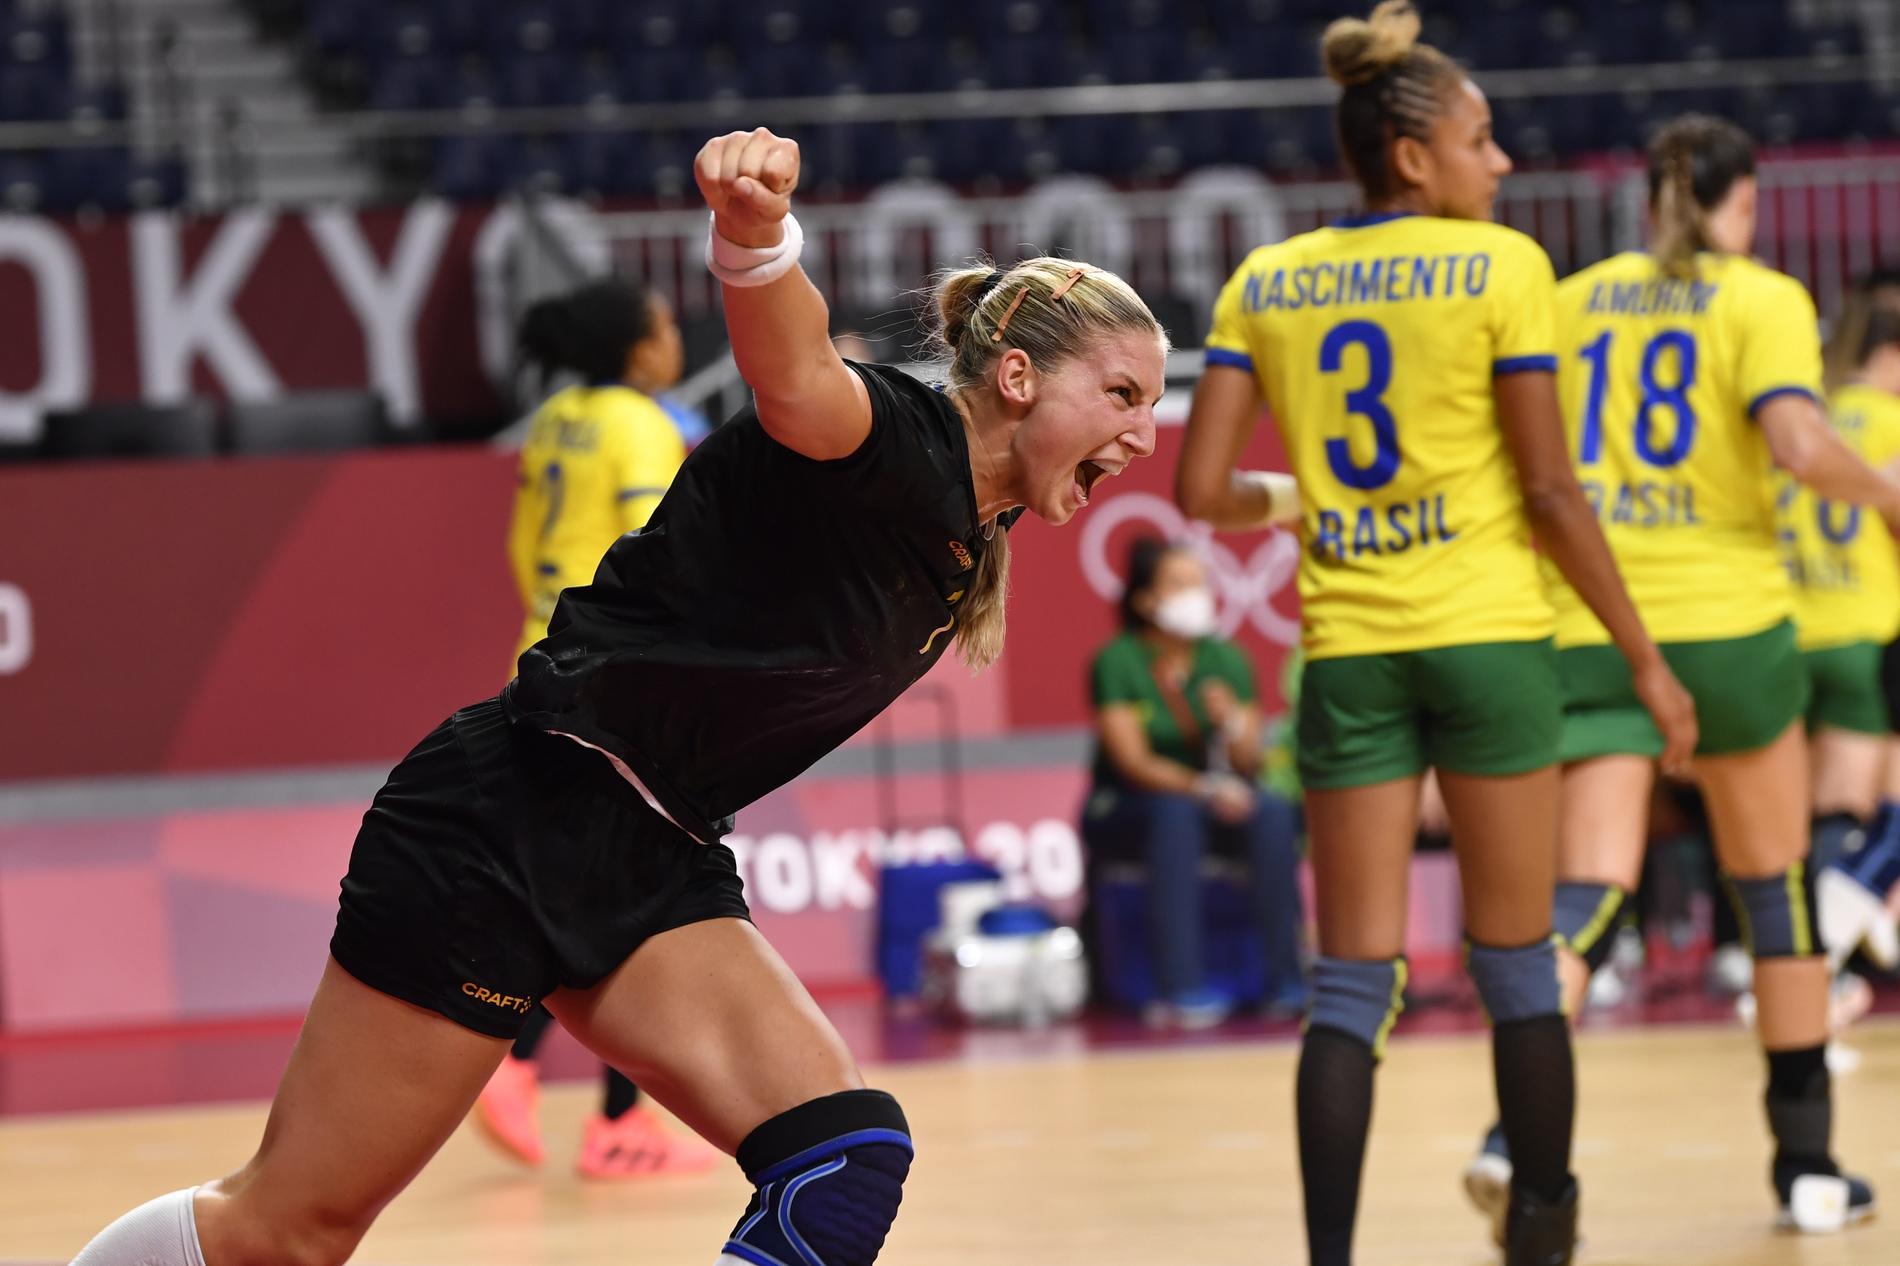 Linn Blohm firar ännu ett mål mot Brasilien. Matchen slutade 34–31 till Sverige, som nu är klart för kvartsfinal.